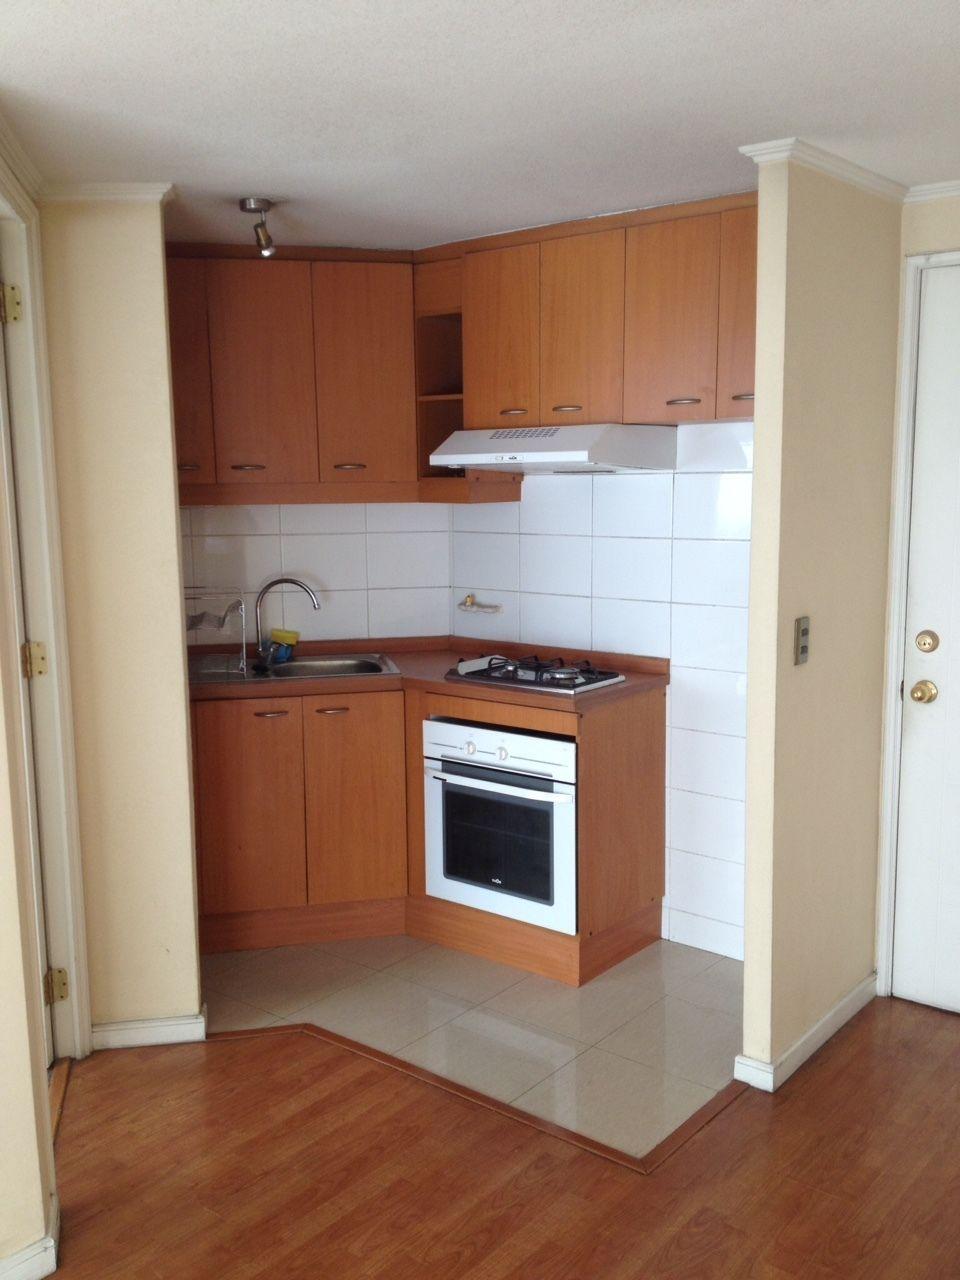 Departamento de un dormitorio con ba o pieza con closet for Decoracion dormitorios piso flotante